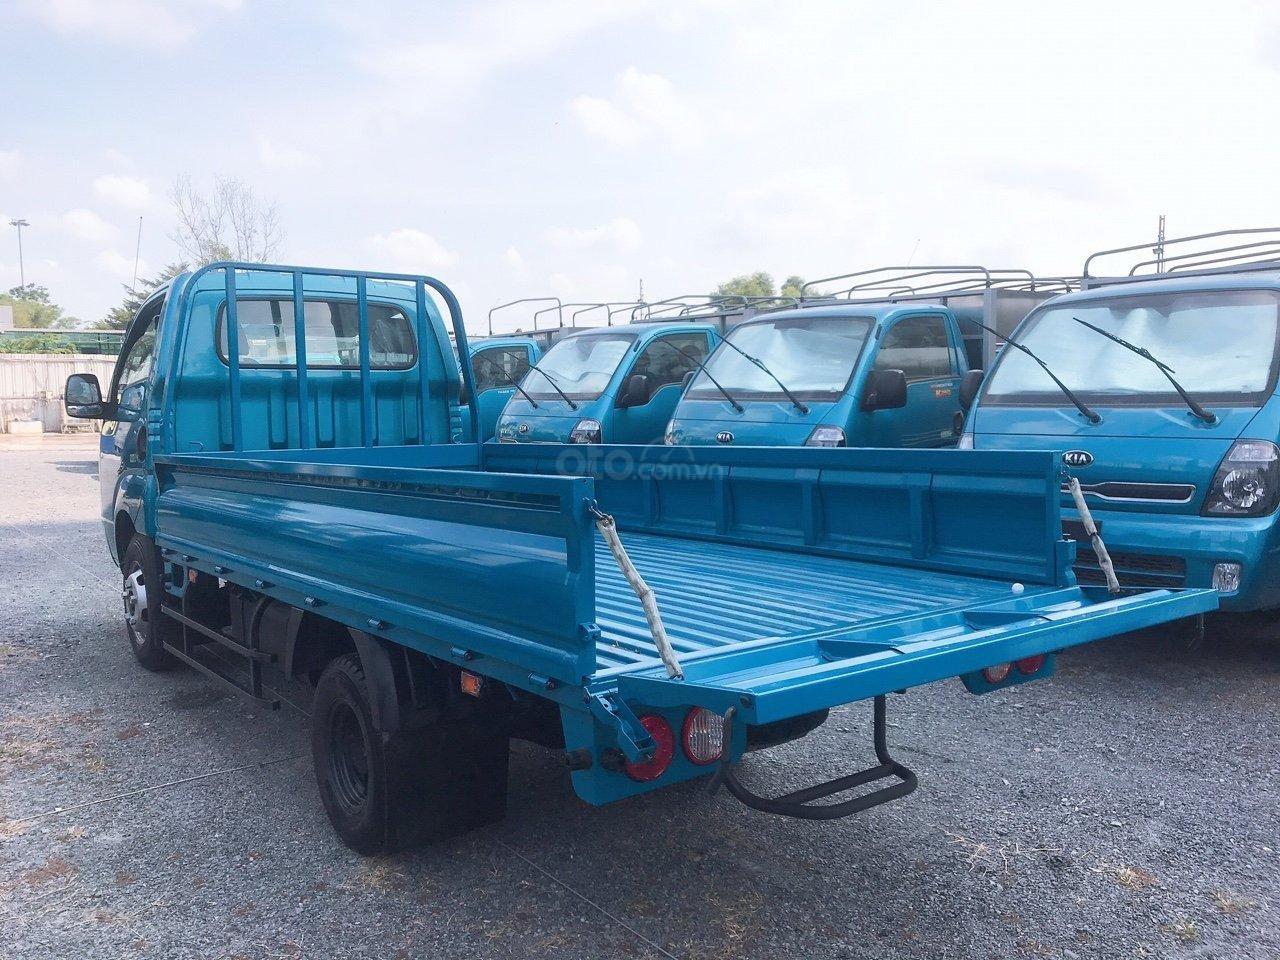 Xe tải Thaco Kia 2T4 tải trọng vào thành phố, động cơ Hyundai nhập khẩu 100% (7)